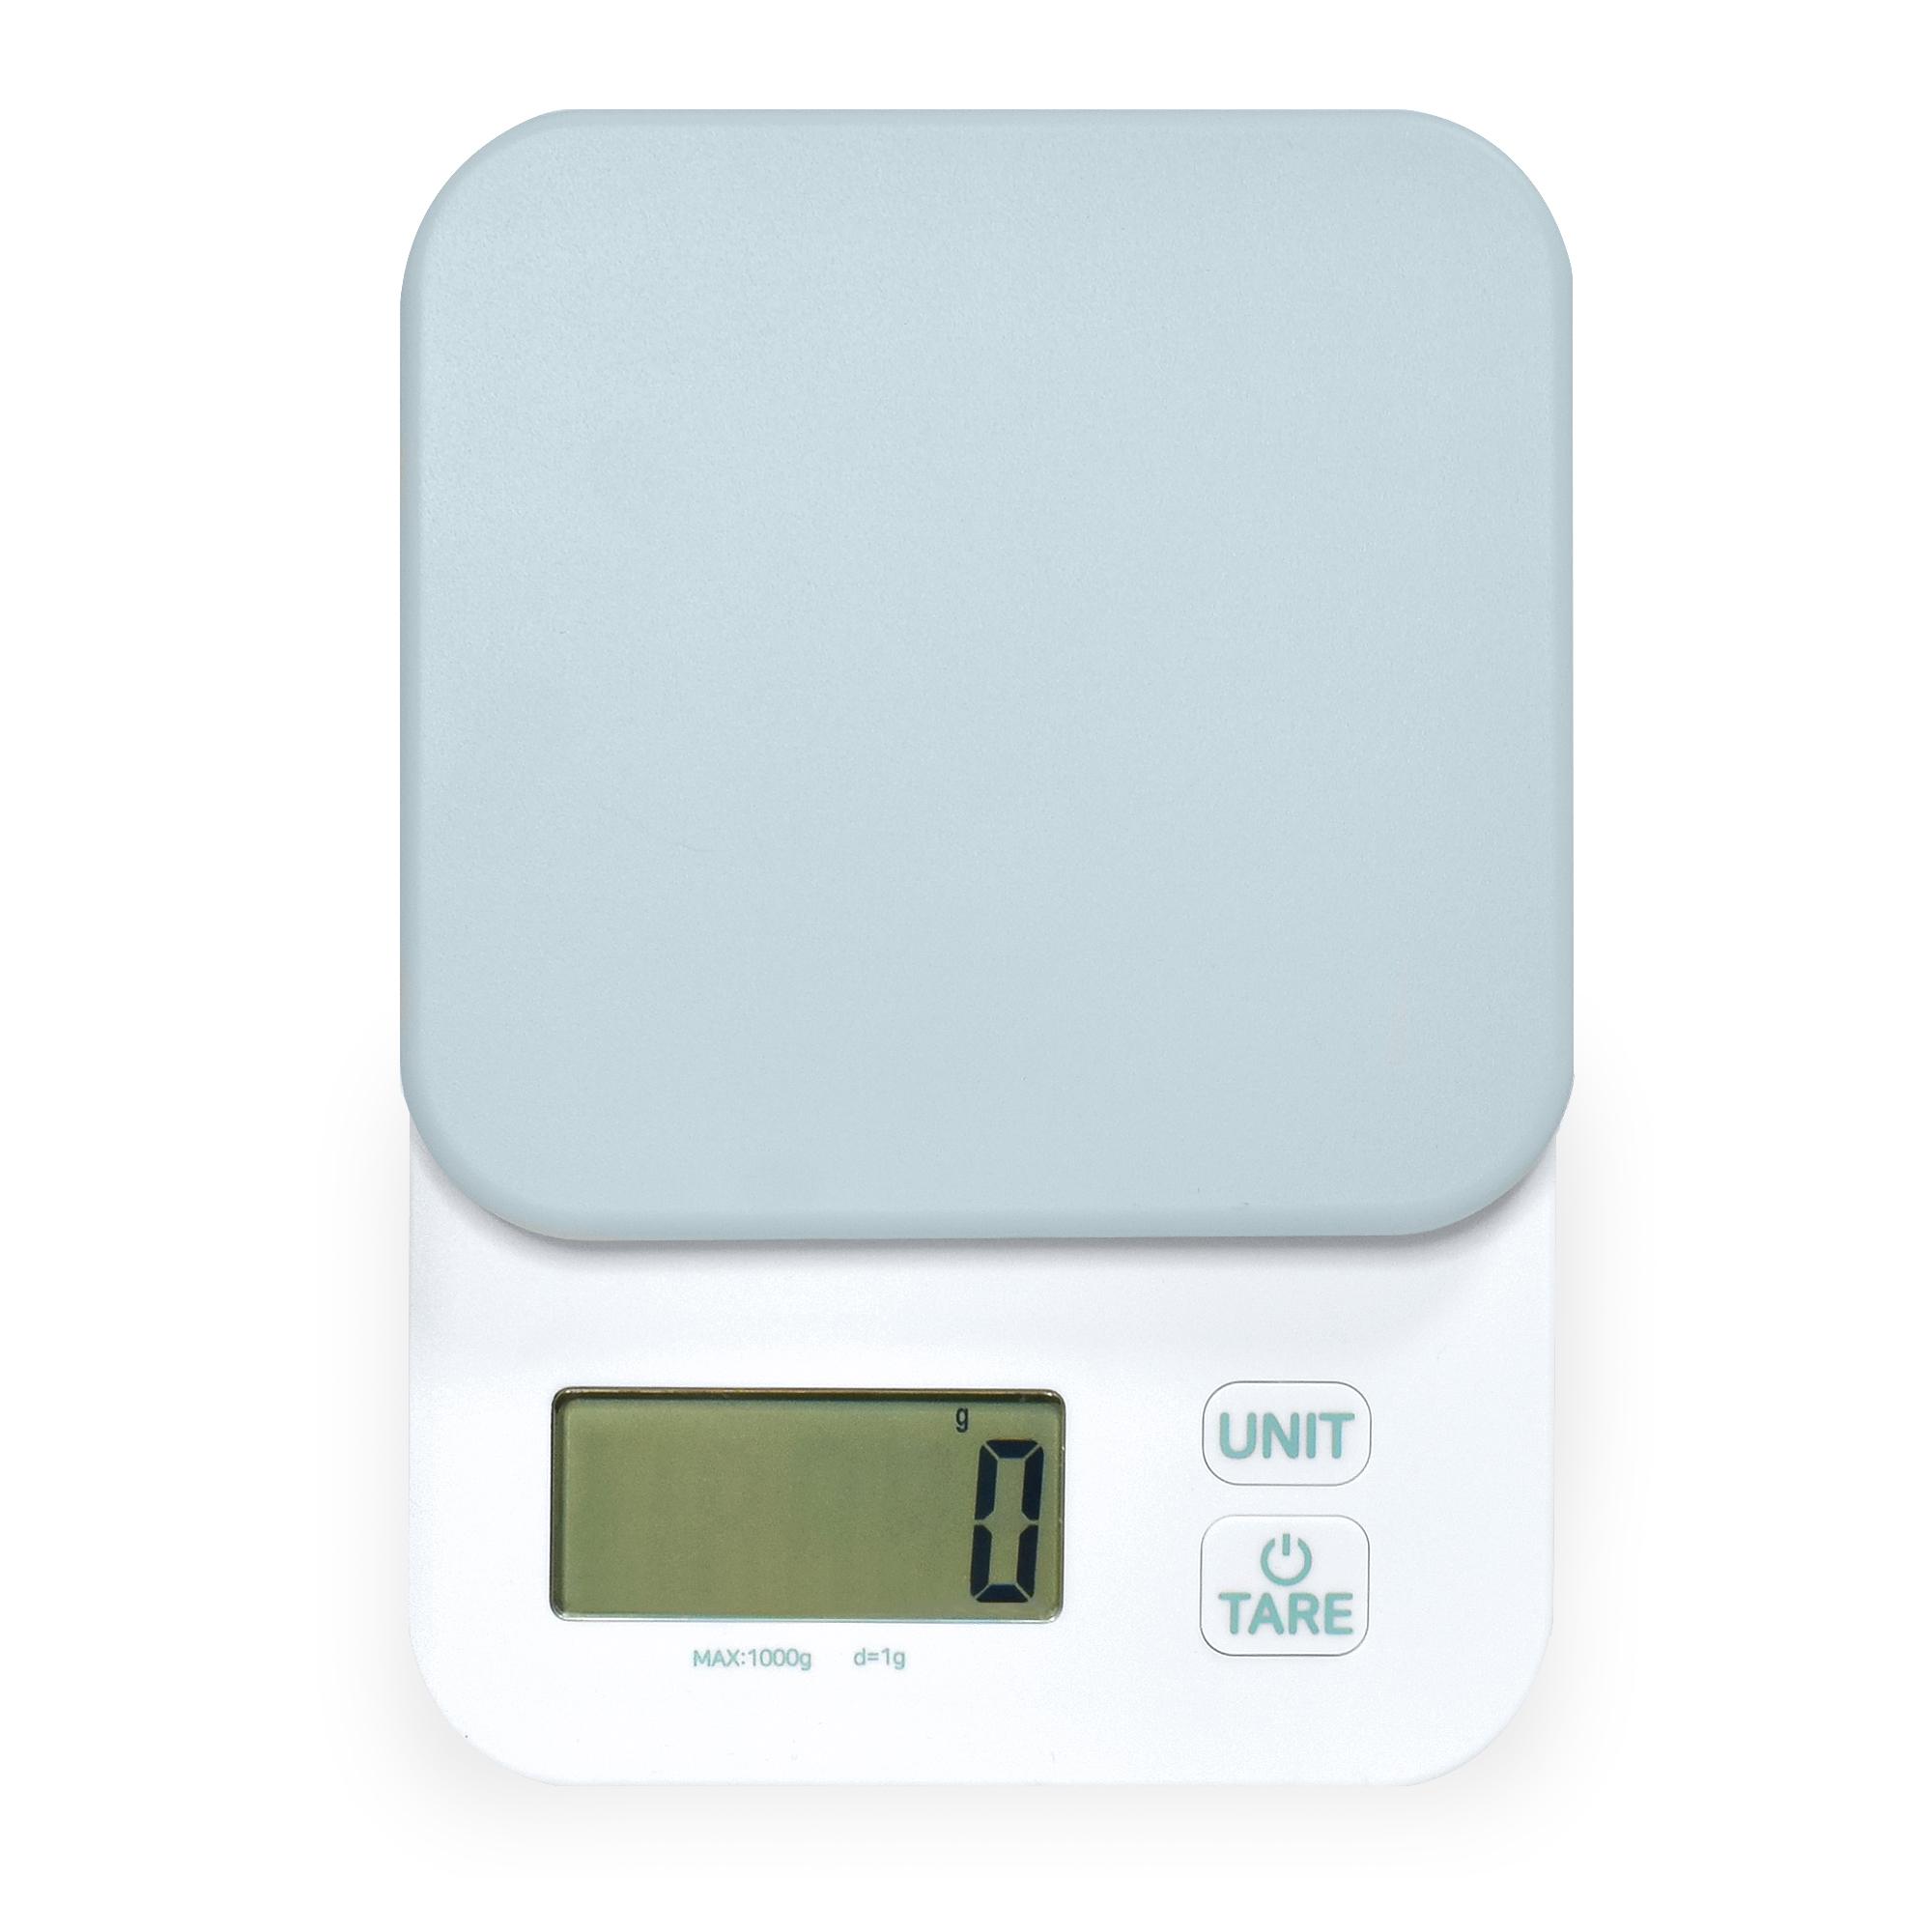 홈플래닛 파스텔 민트 디지털 정밀 주방저울 1kg